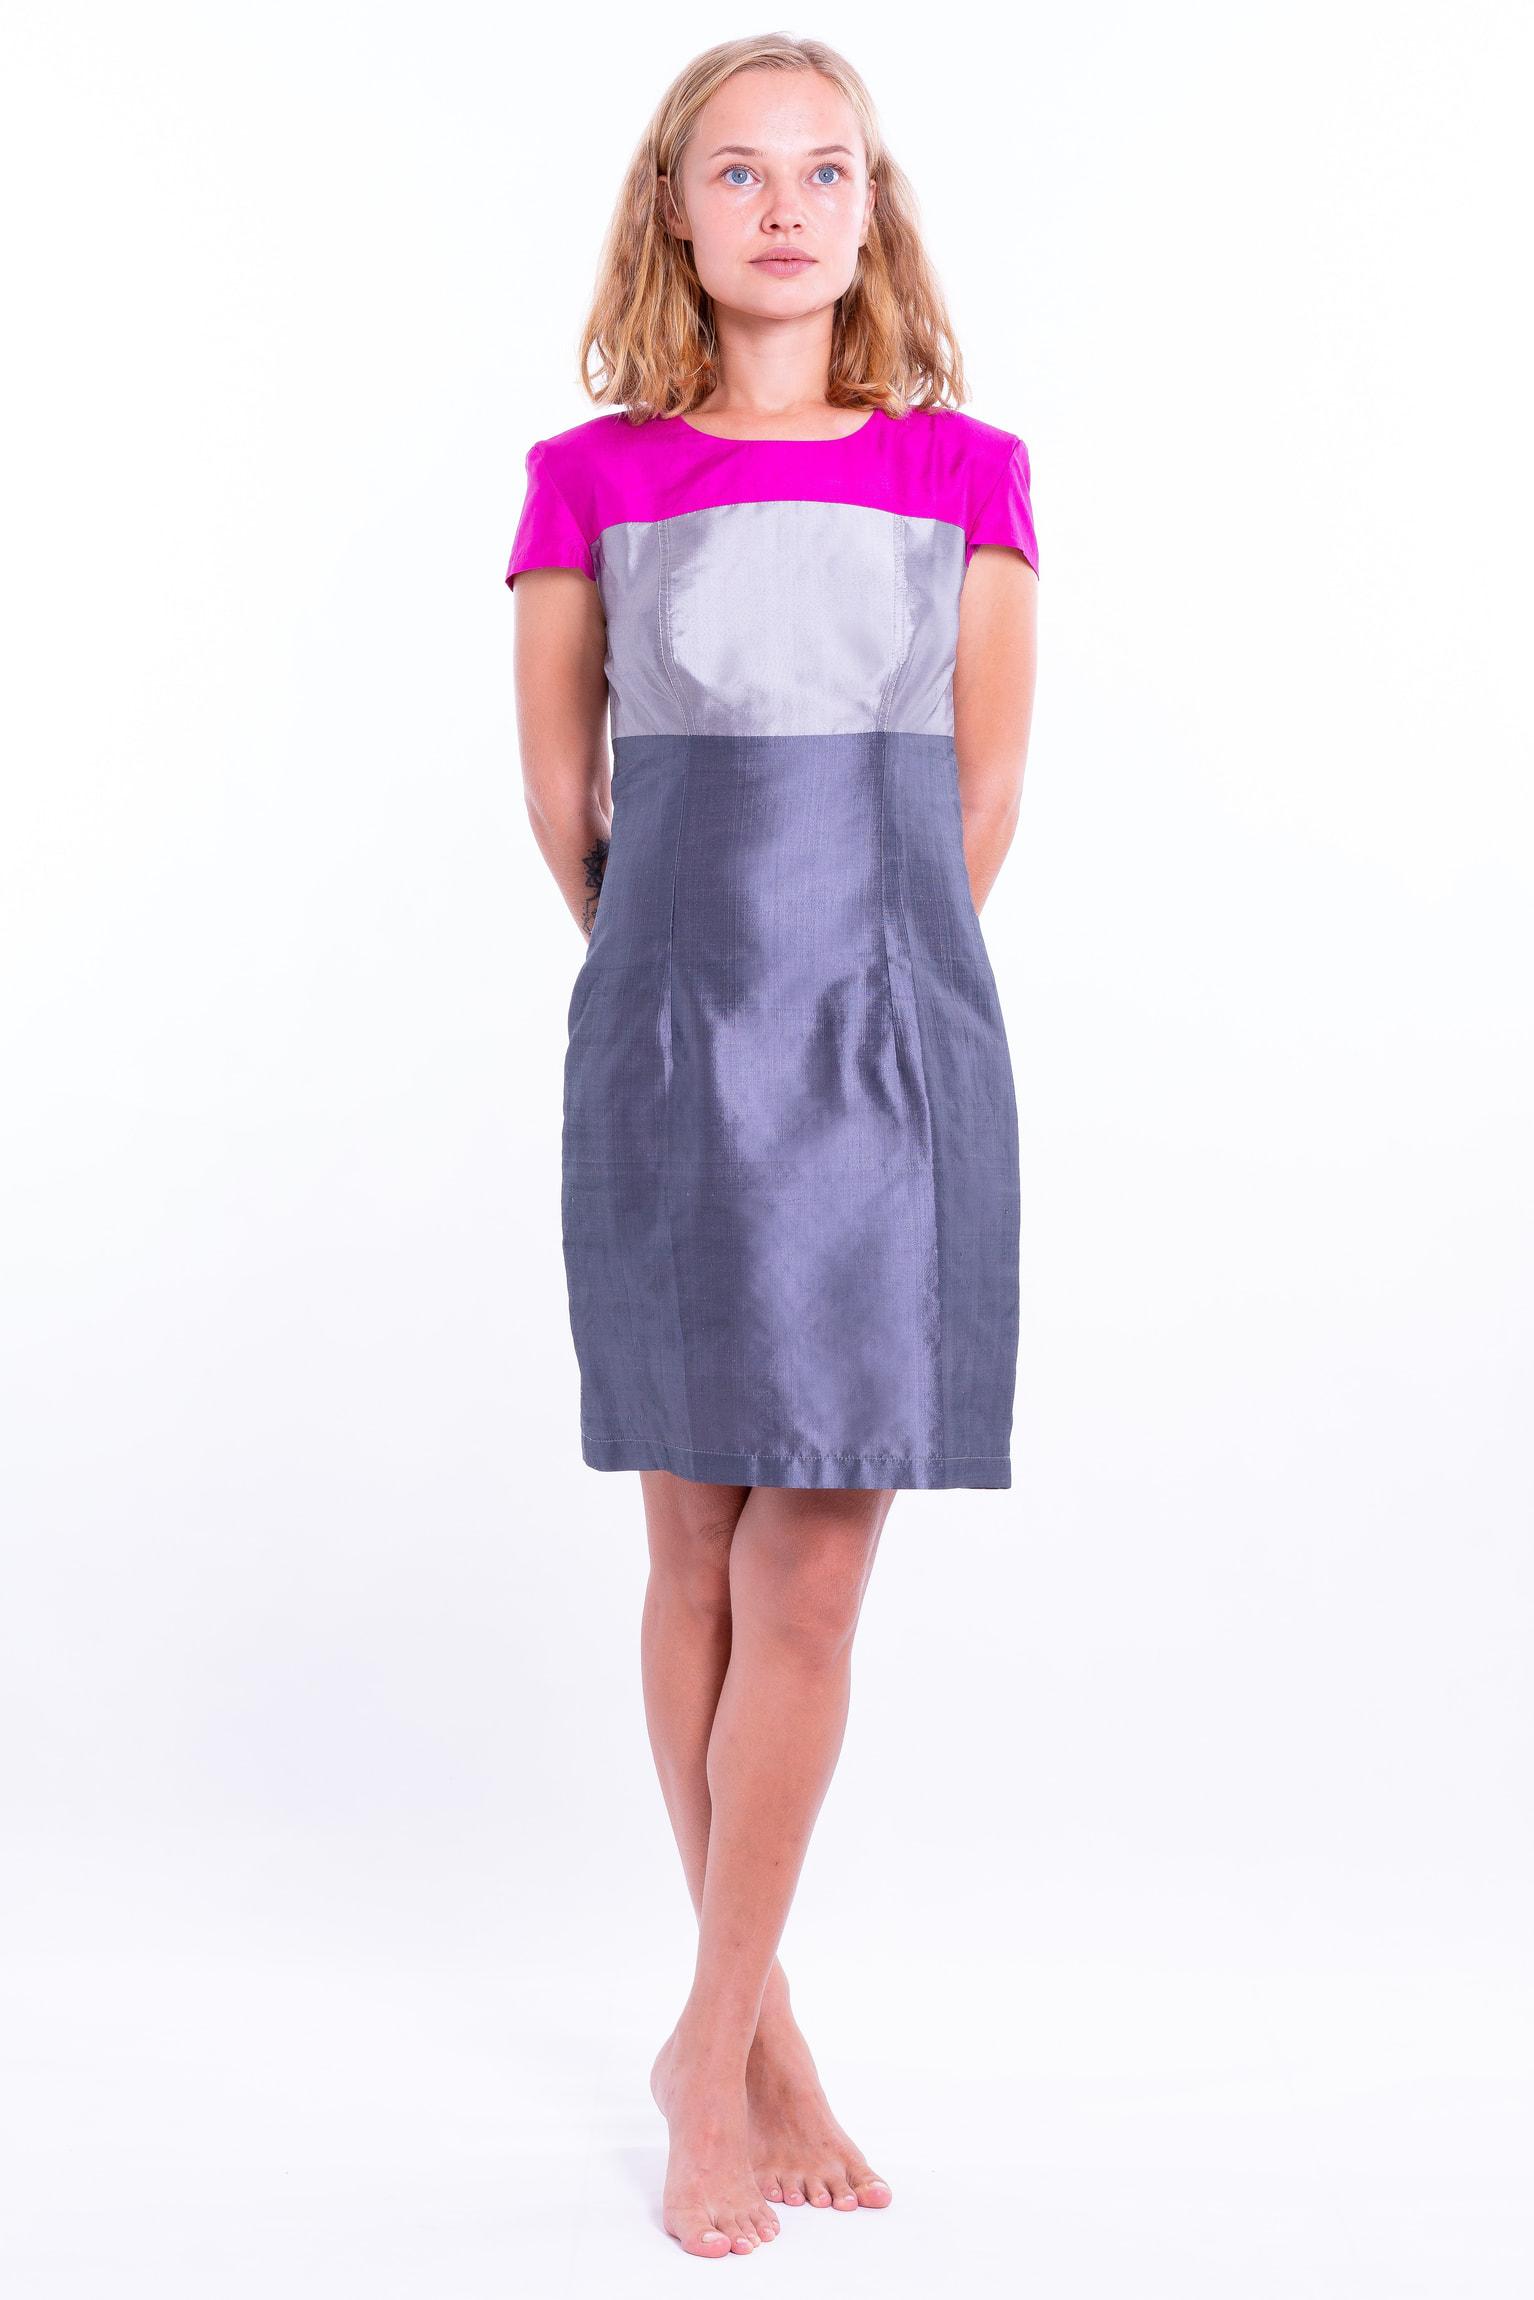 robe en soie naturelle gris ardoise avec un haut color block rose et argent, taille marquée et manches courtes, devant